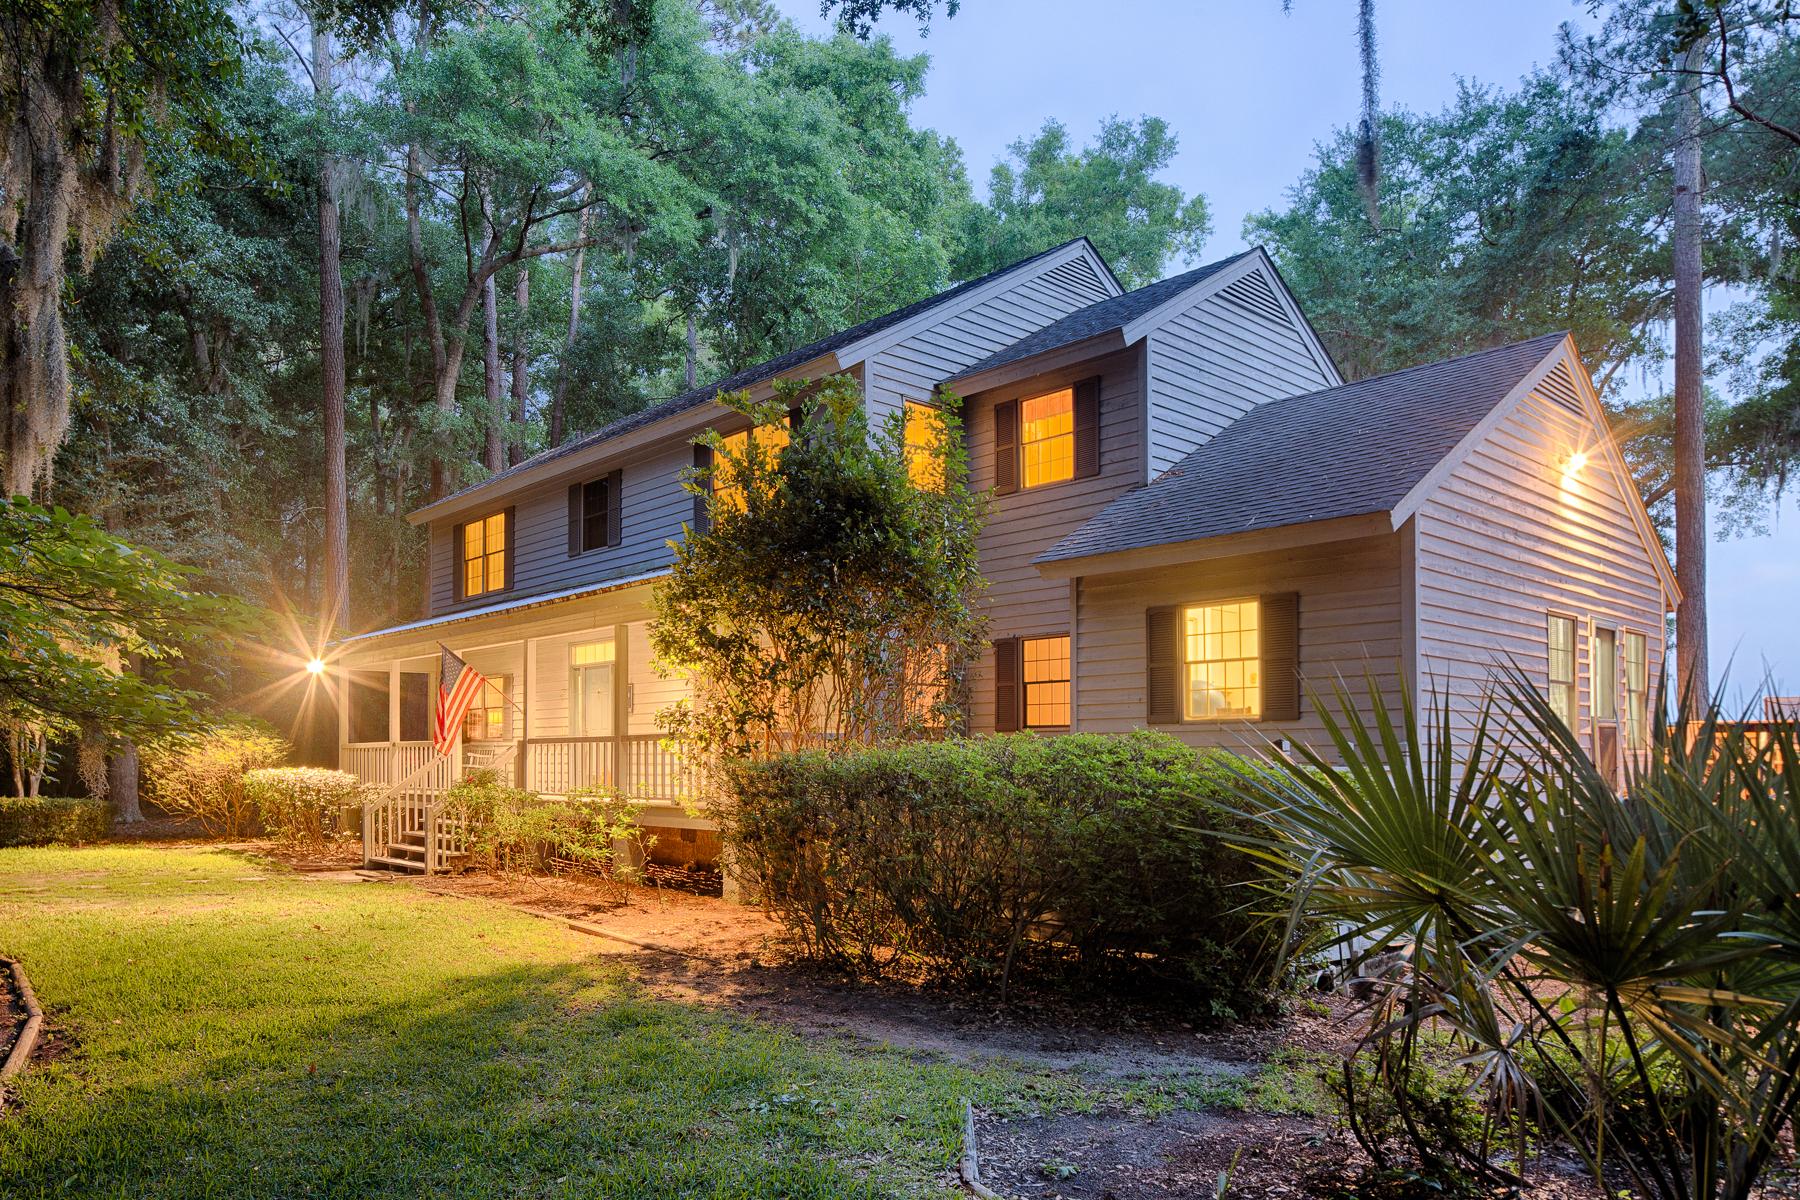 단독 가정 주택 용 매매 에 May River Plantation 31 Pine View Drive Bluffton, 사우스캐놀라이나, 29910 미국